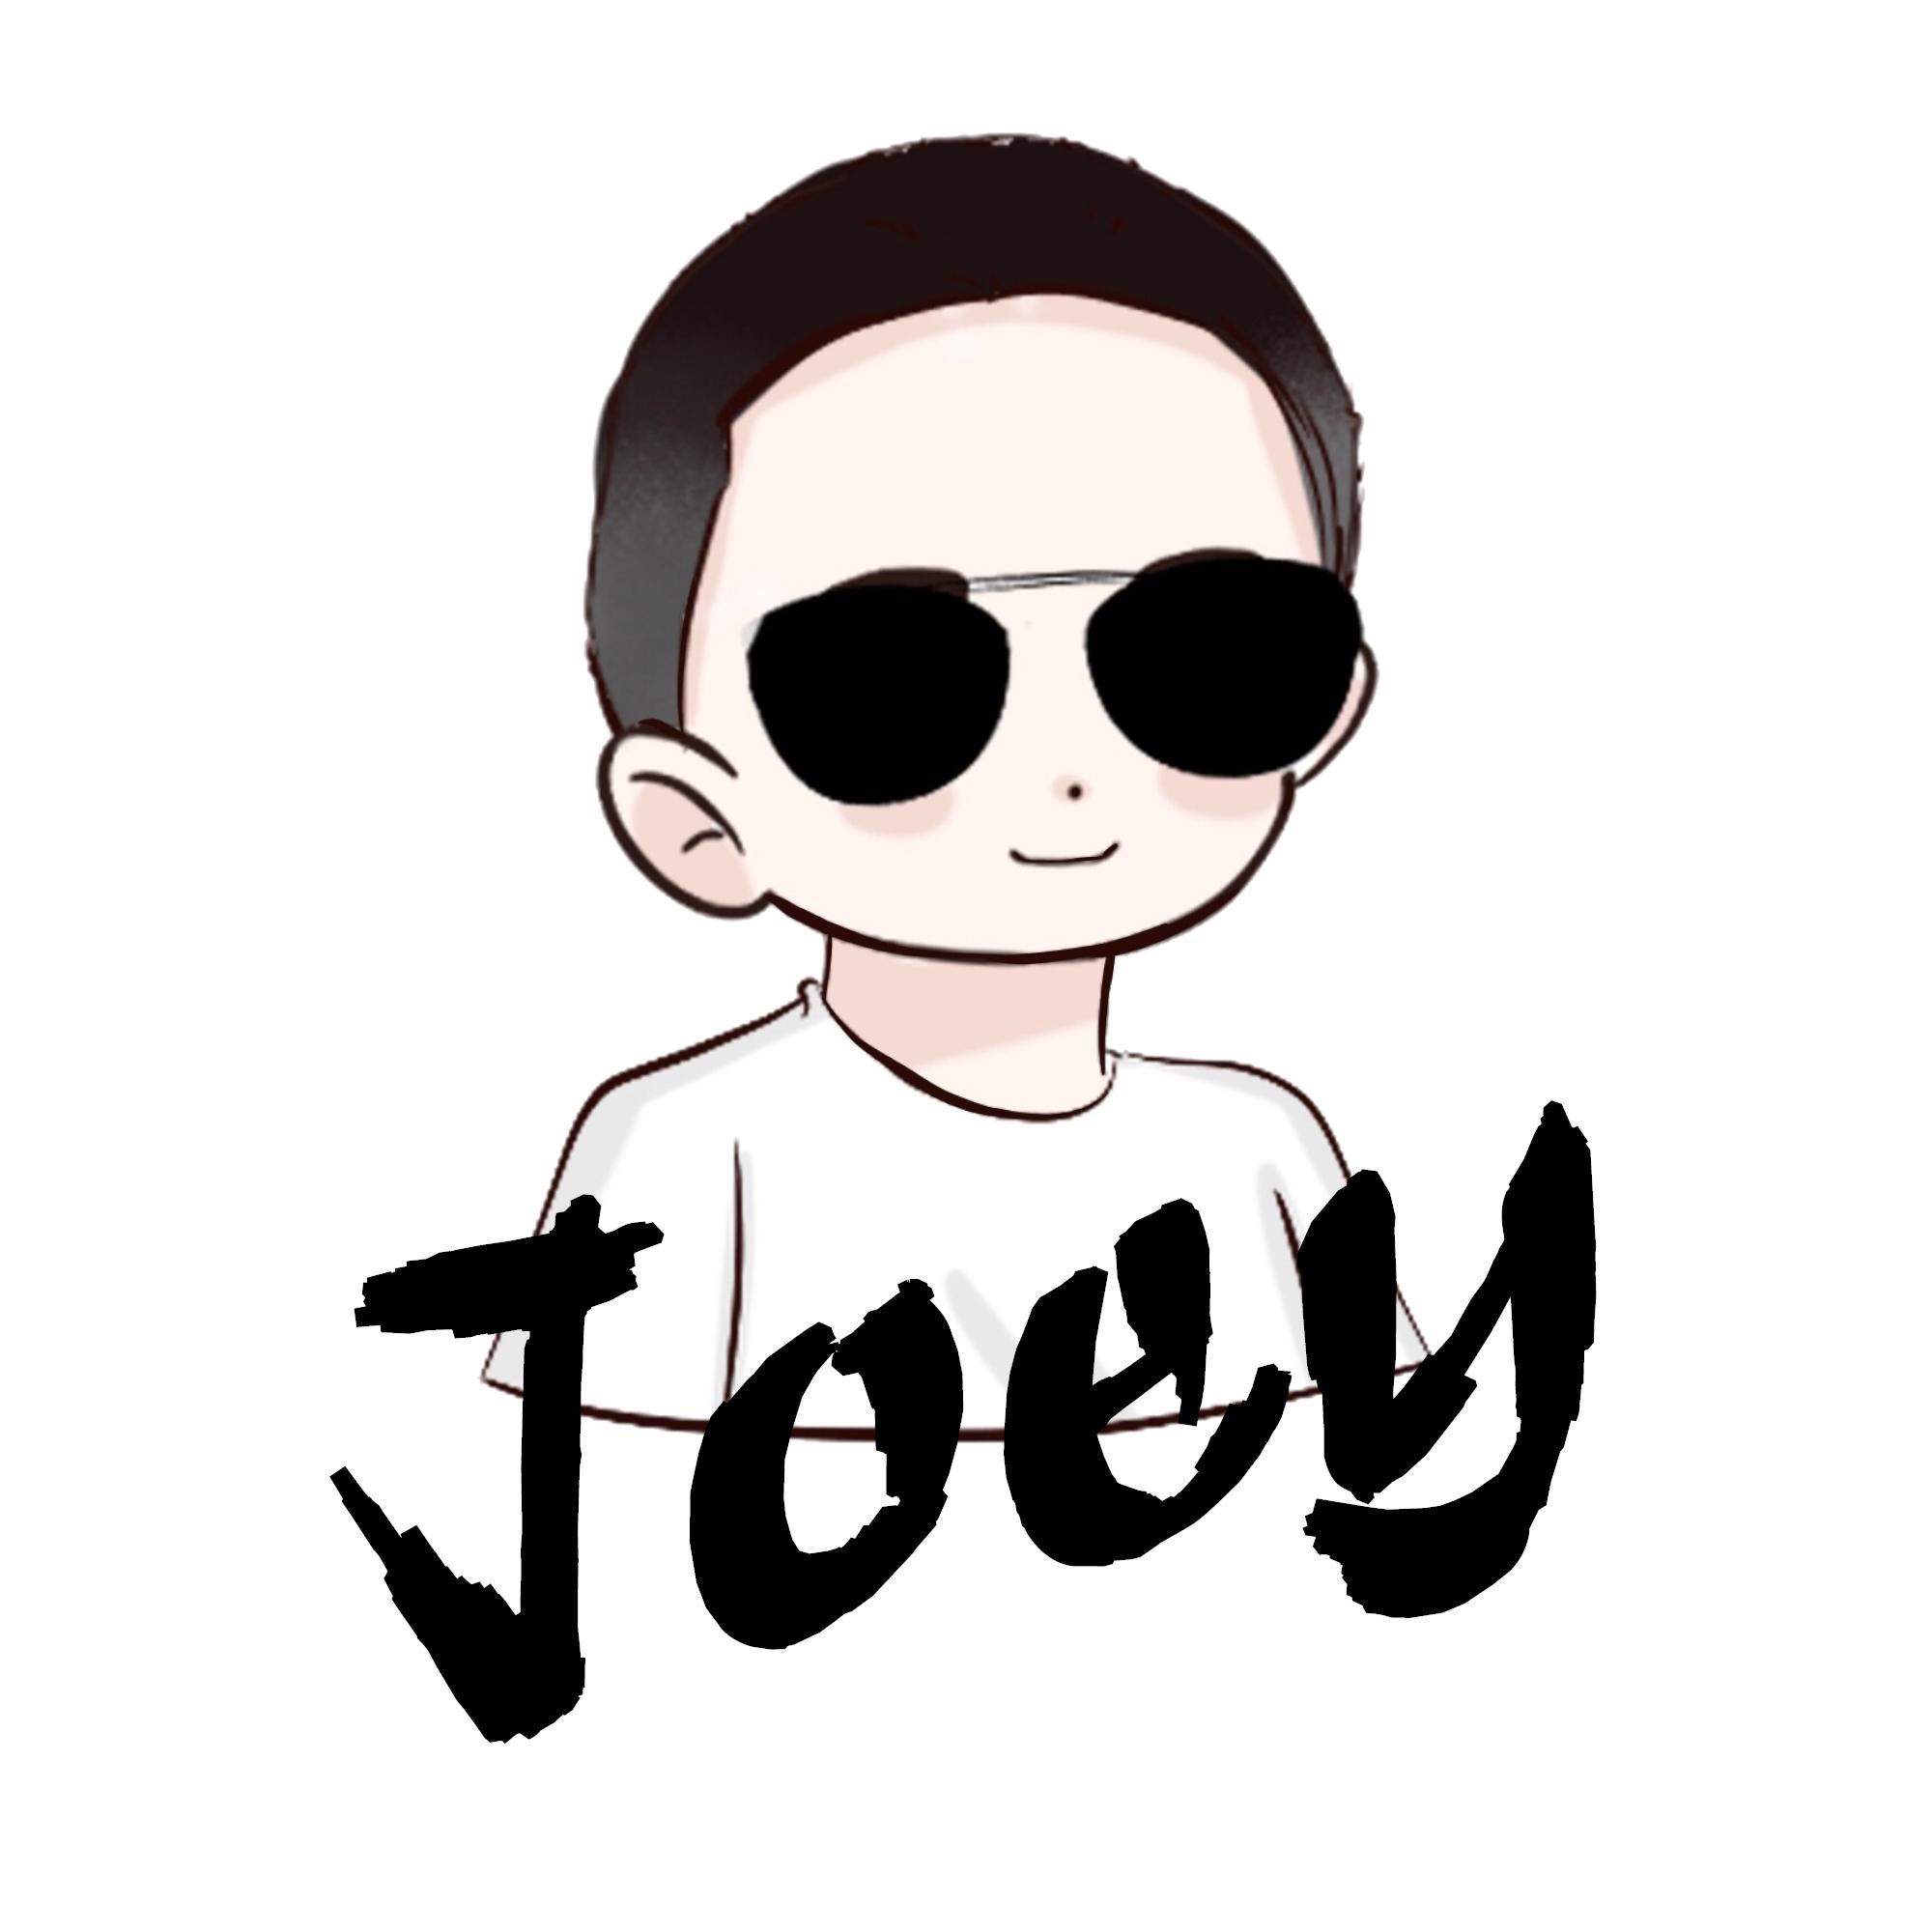 Joey的生活记录